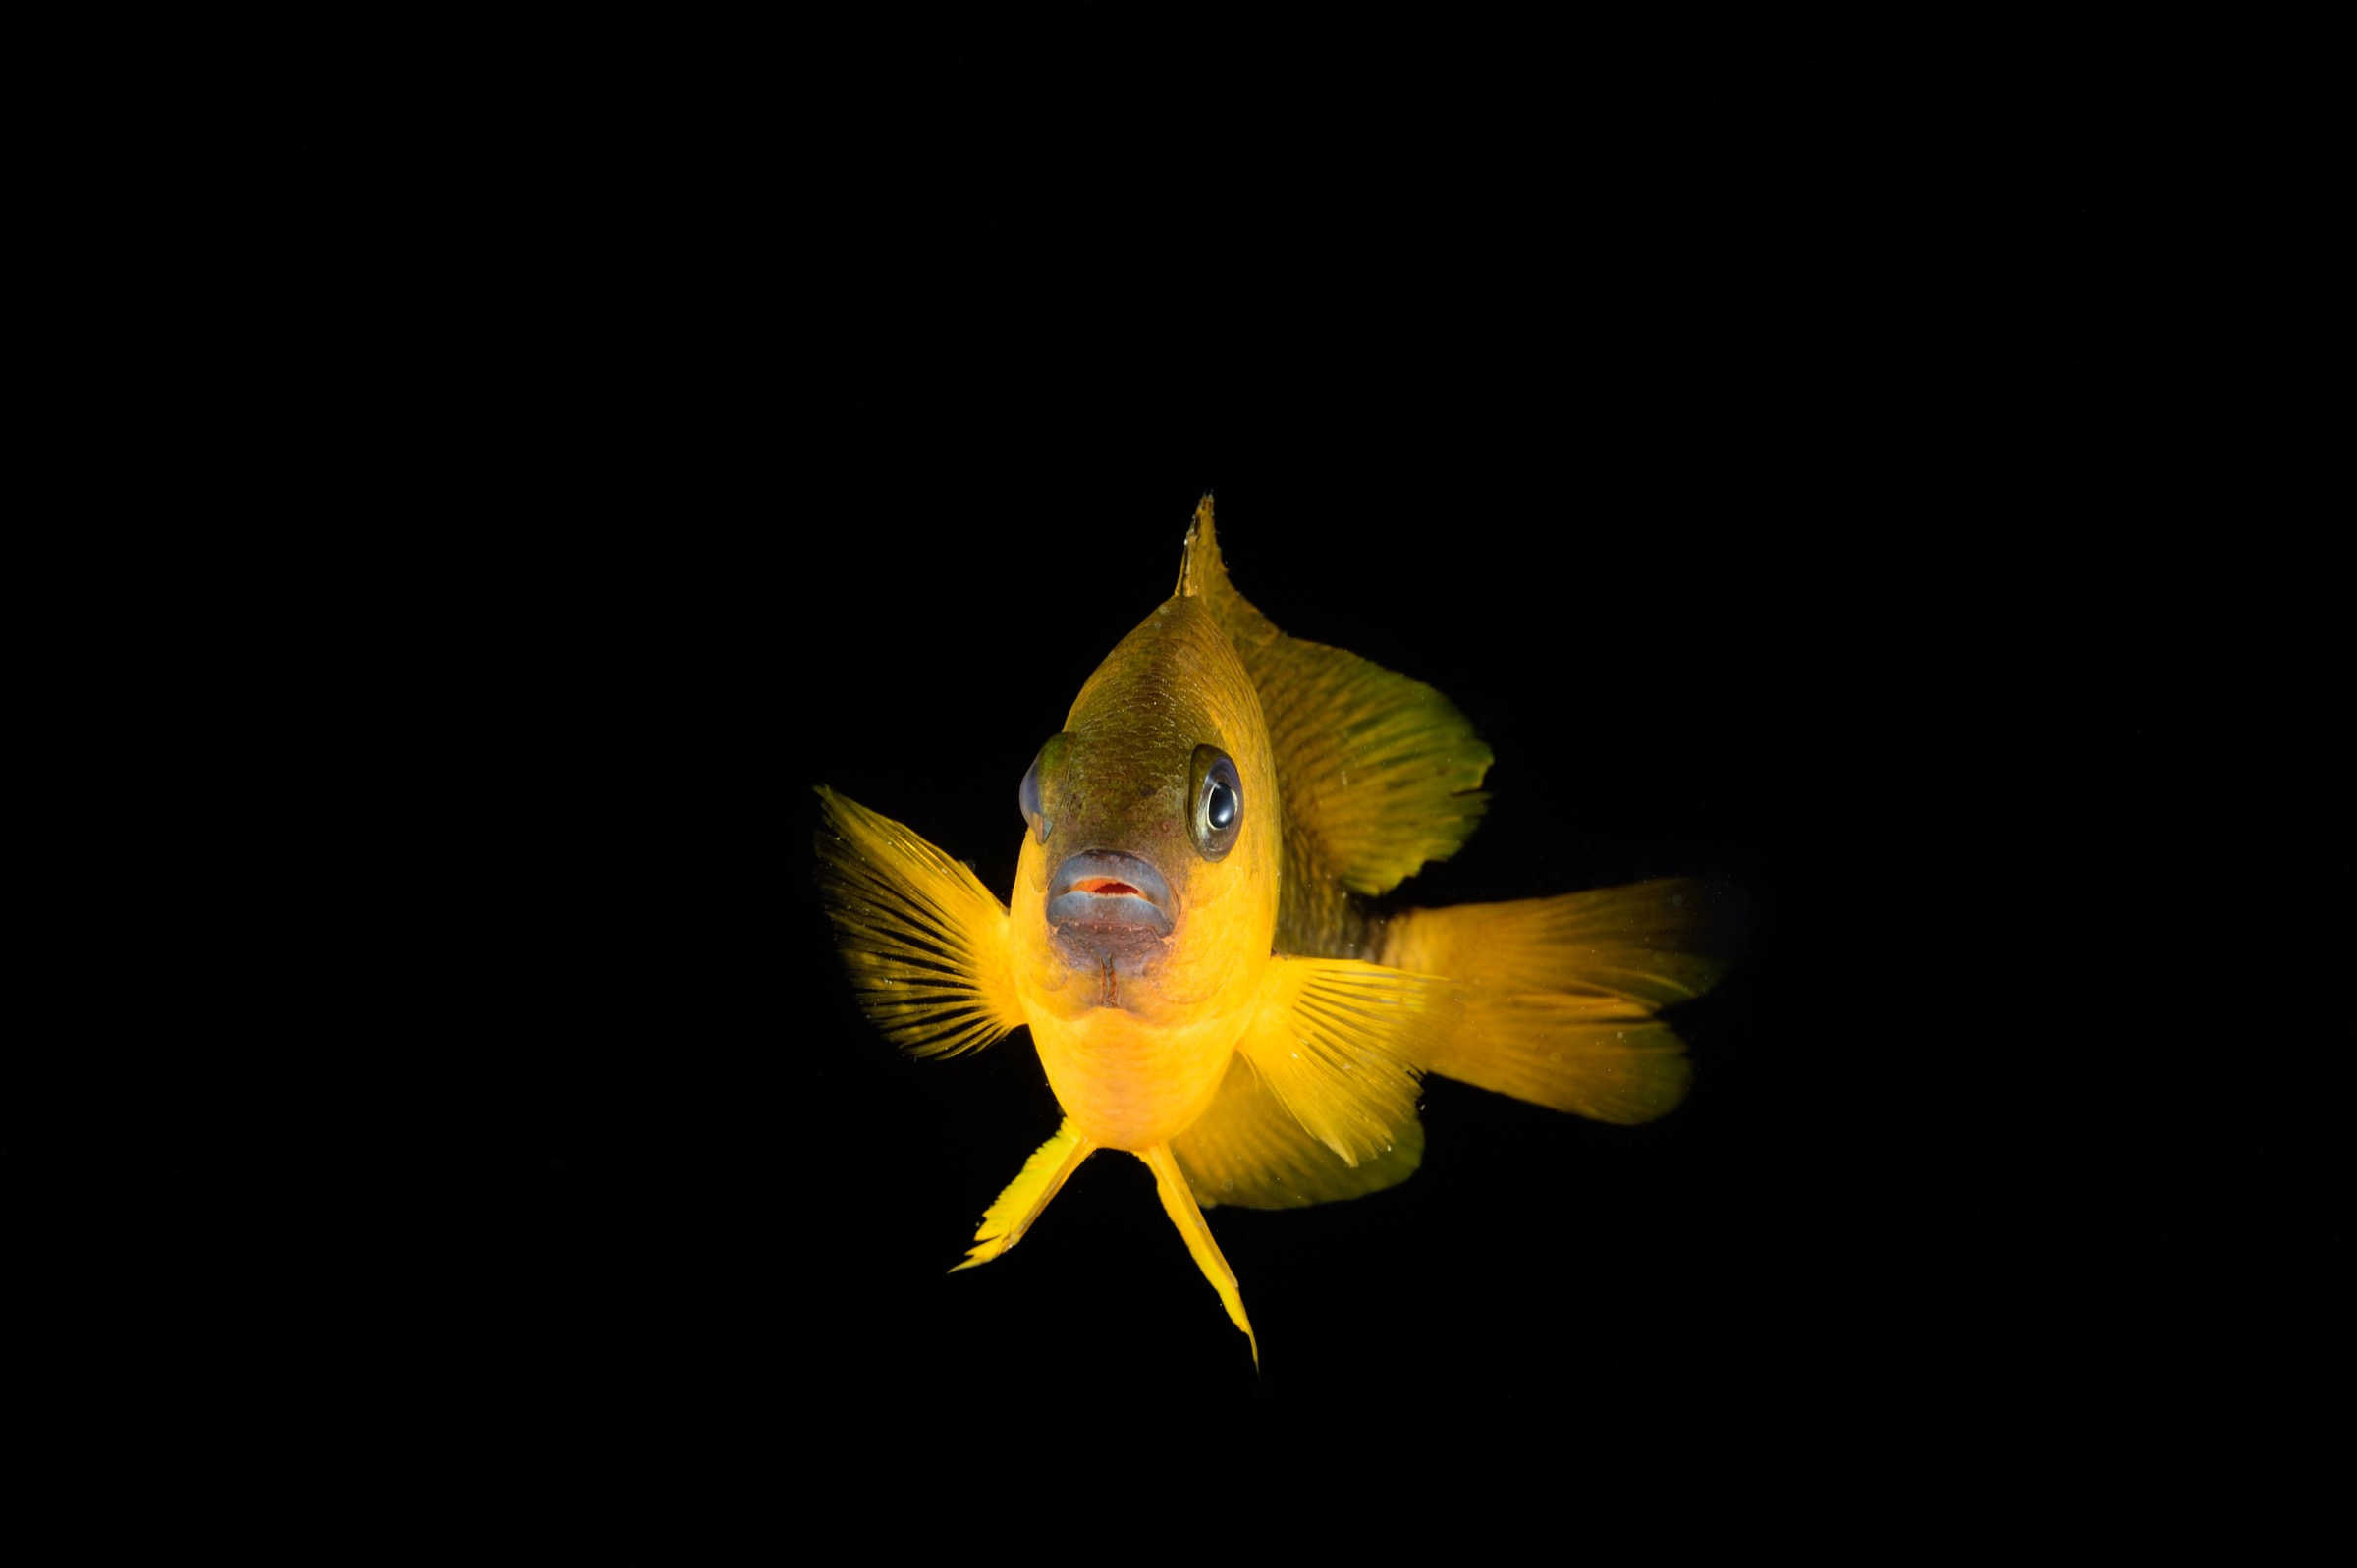 Damselfish (<em>Stegastes sanctipauli</em>)—Photograph by Solvin Zankl